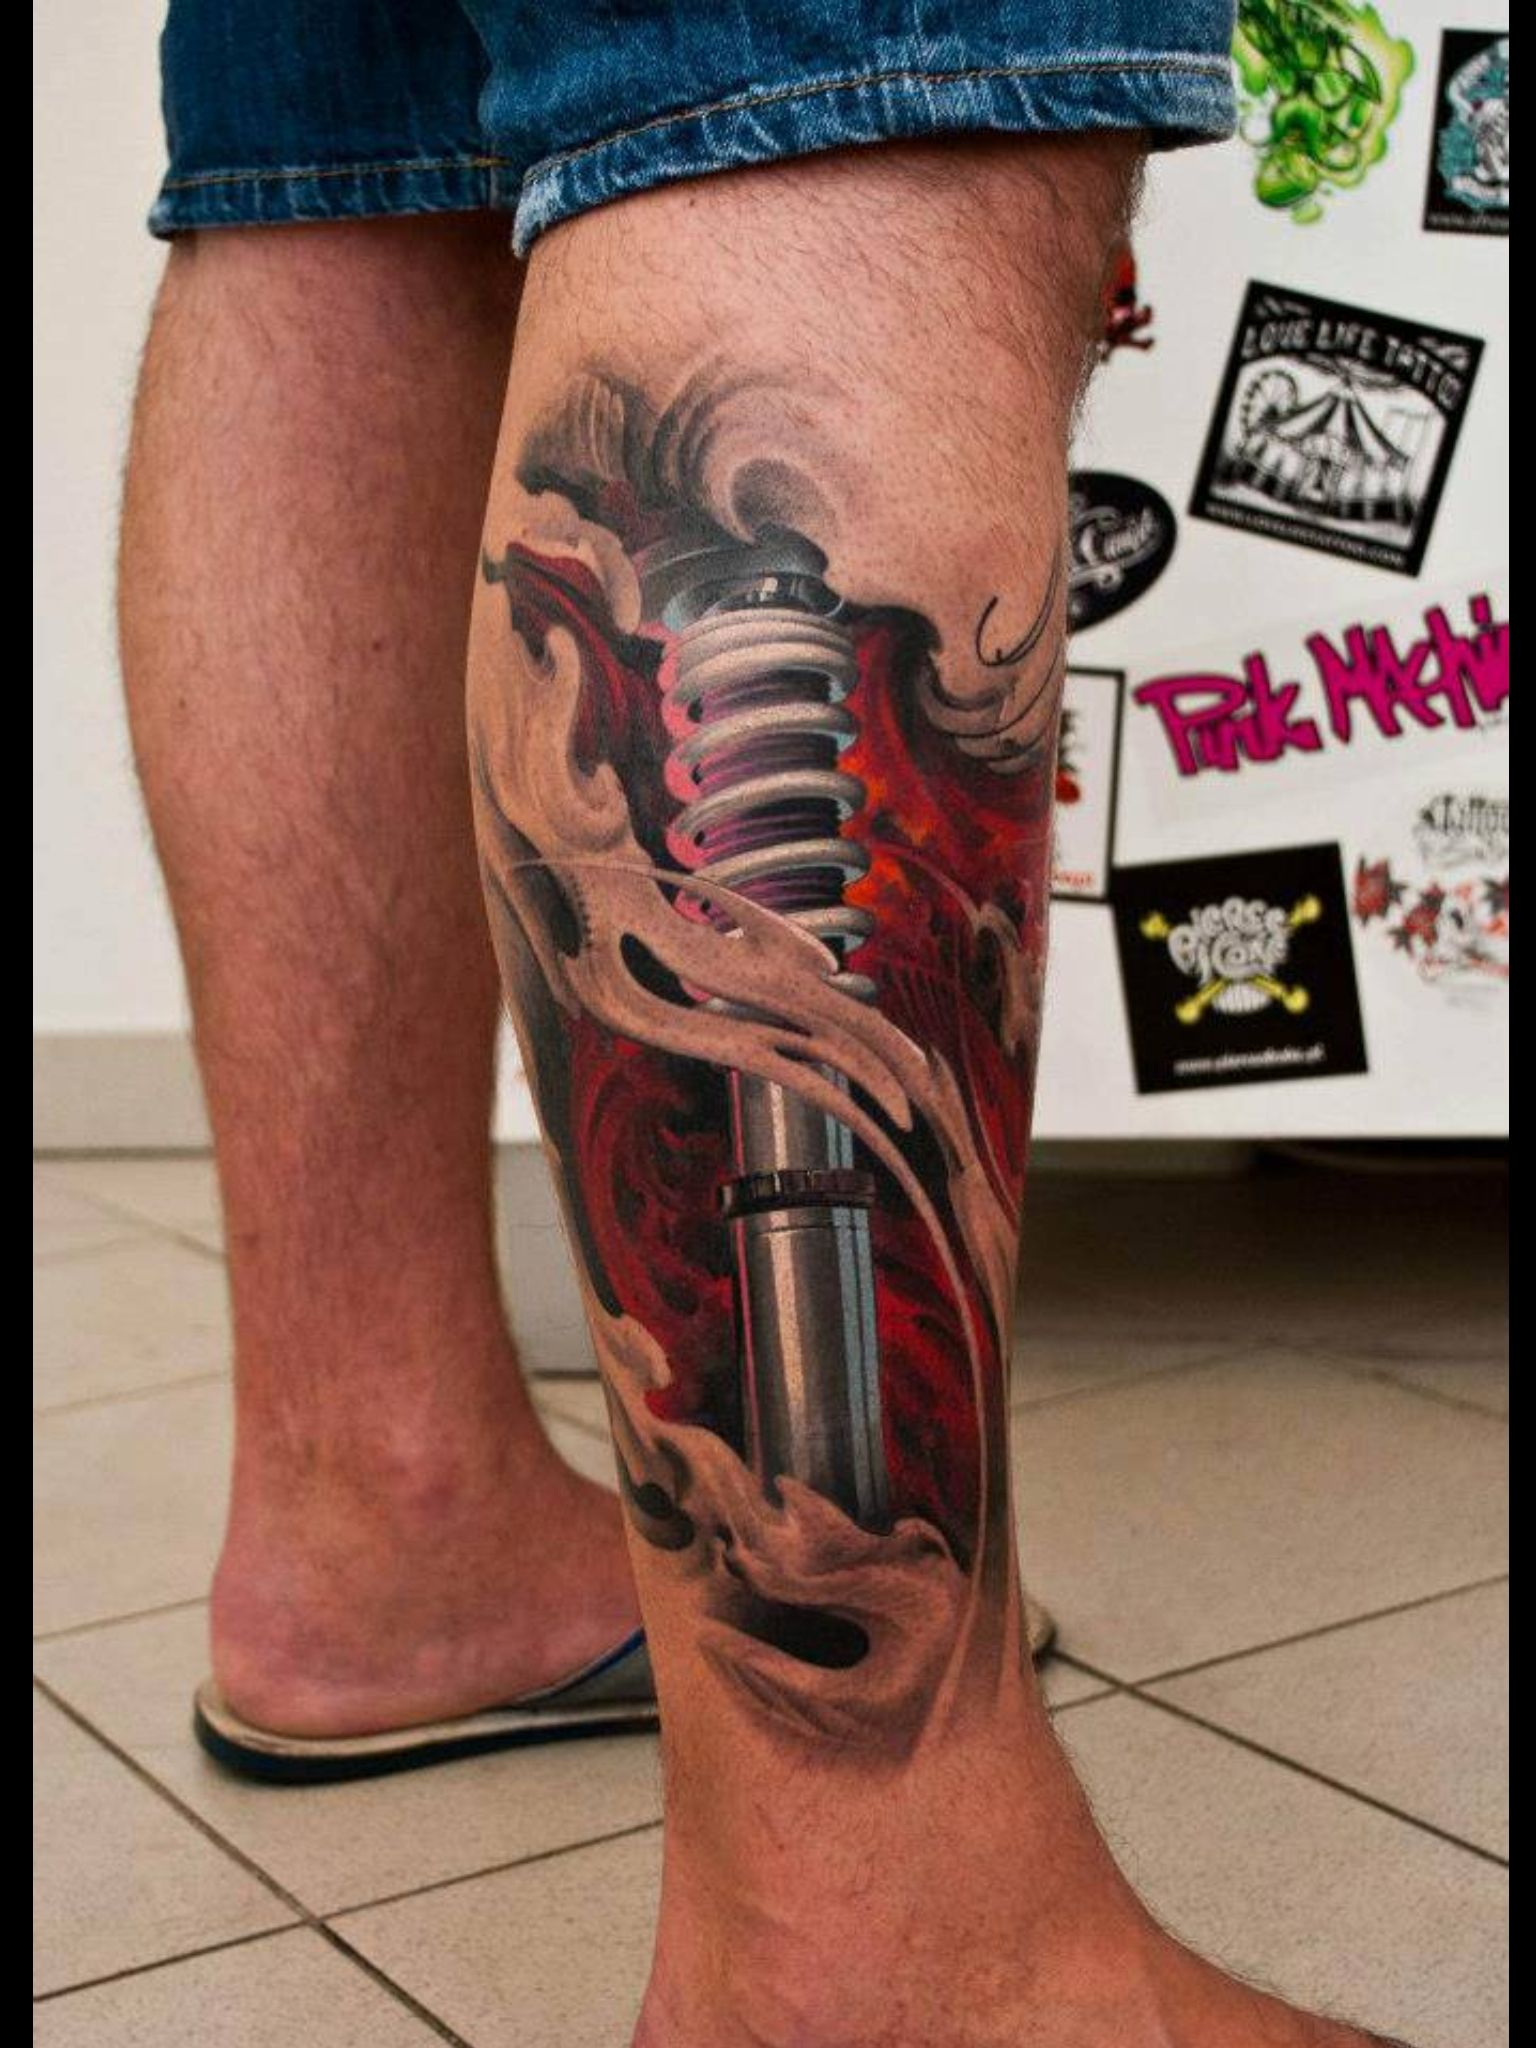 3d tattoos that will boggle your mind bizarbin - Bionic Tattoo